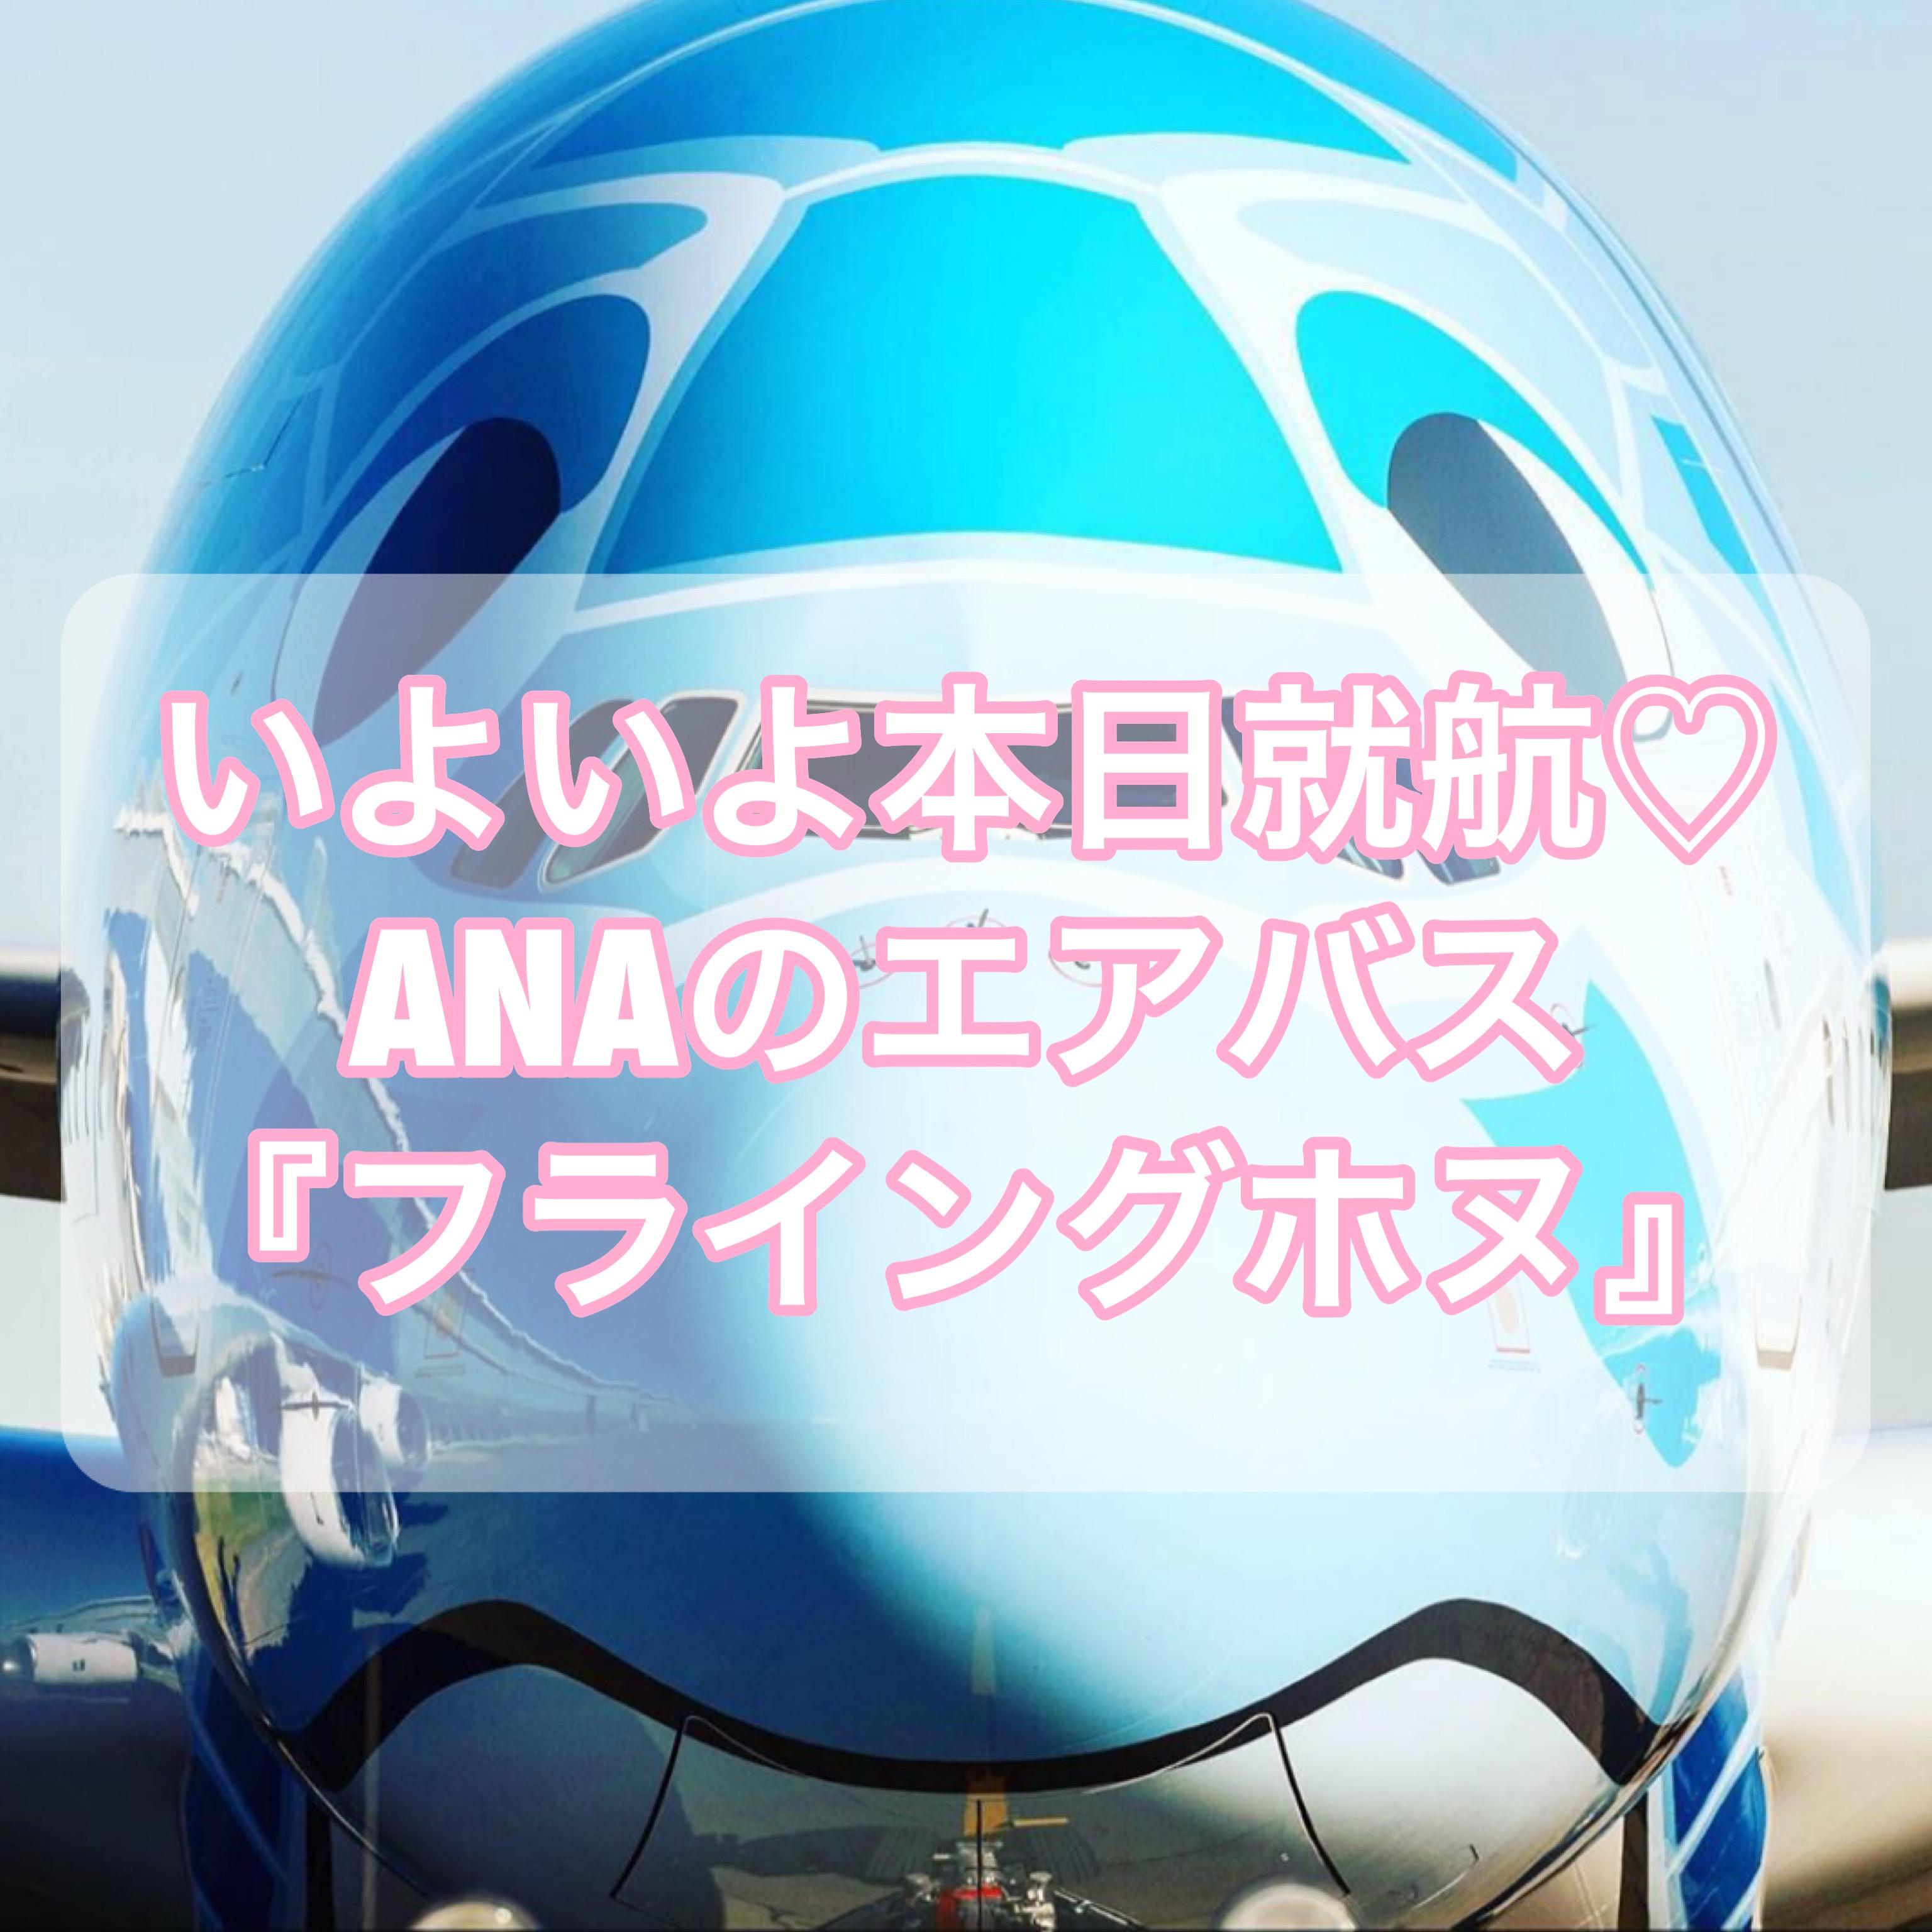 【ハワイ就航】ANAのエアバスA380型機「フライング・ホヌ」徹底解剖【超豪華】